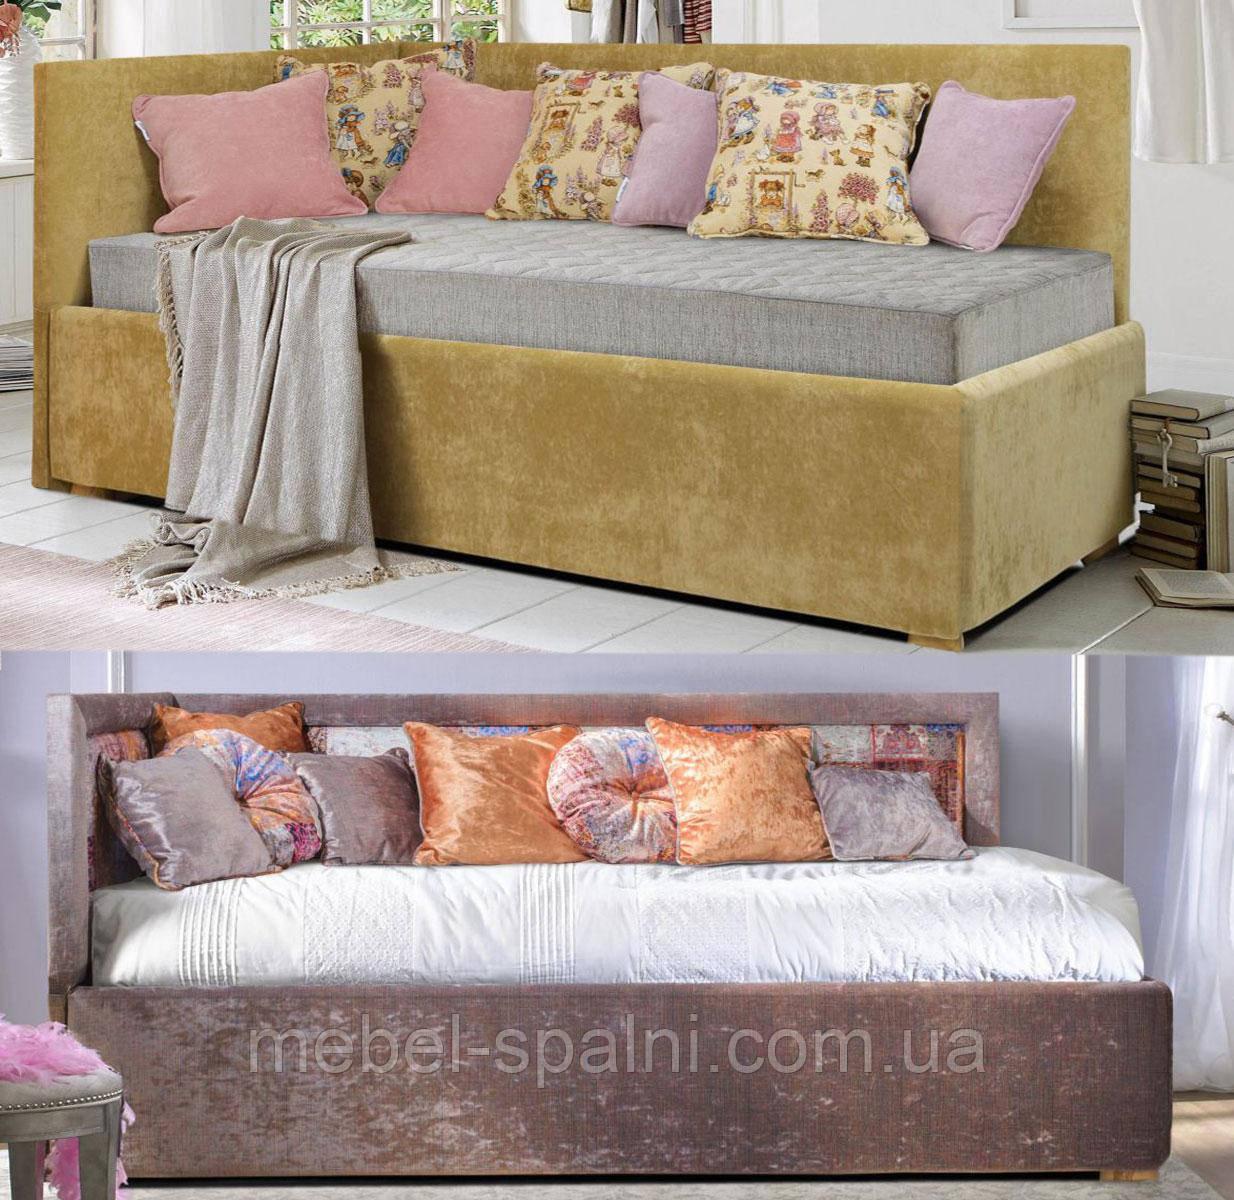 Кровать полуторная «Алиса»